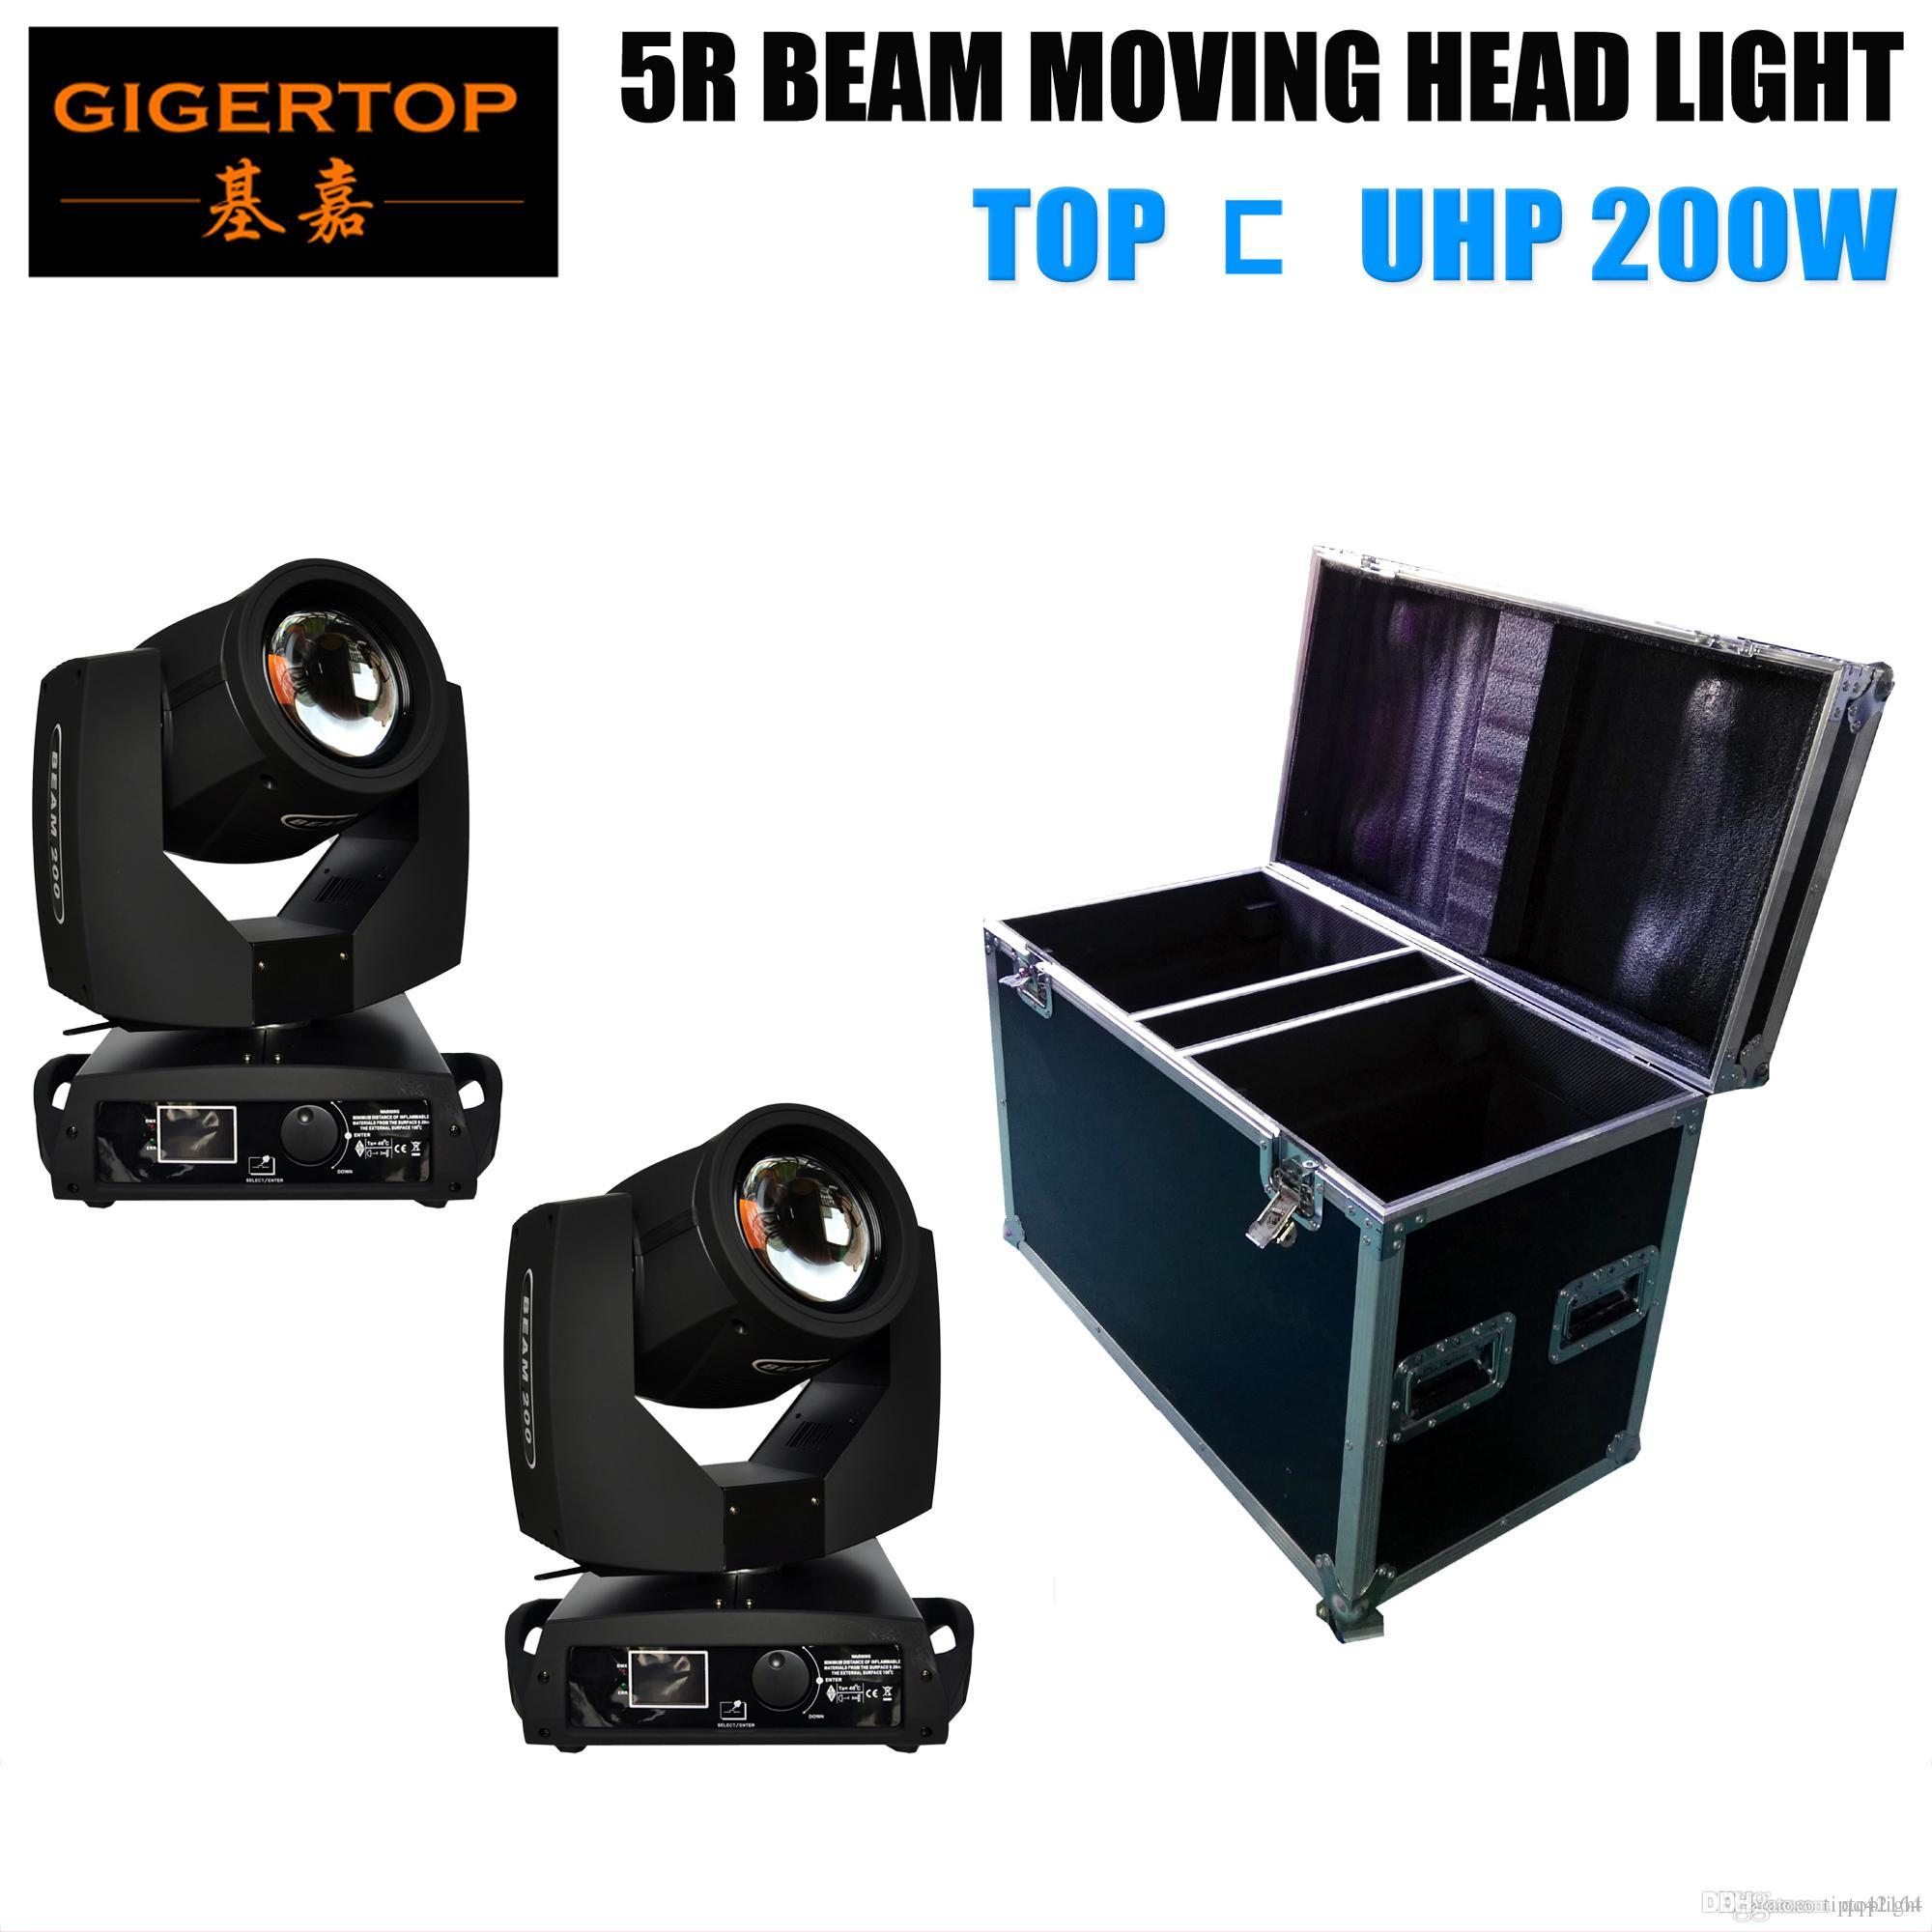 2IN1 Straße Fall Verpackung 5R 200W Lampe 200W bewegliches Hauptlicht, 5R Strahl 3-Schicht-Optik Glaslinse Taiwan Sunon Lüfter Sharpy Strahl DMX512